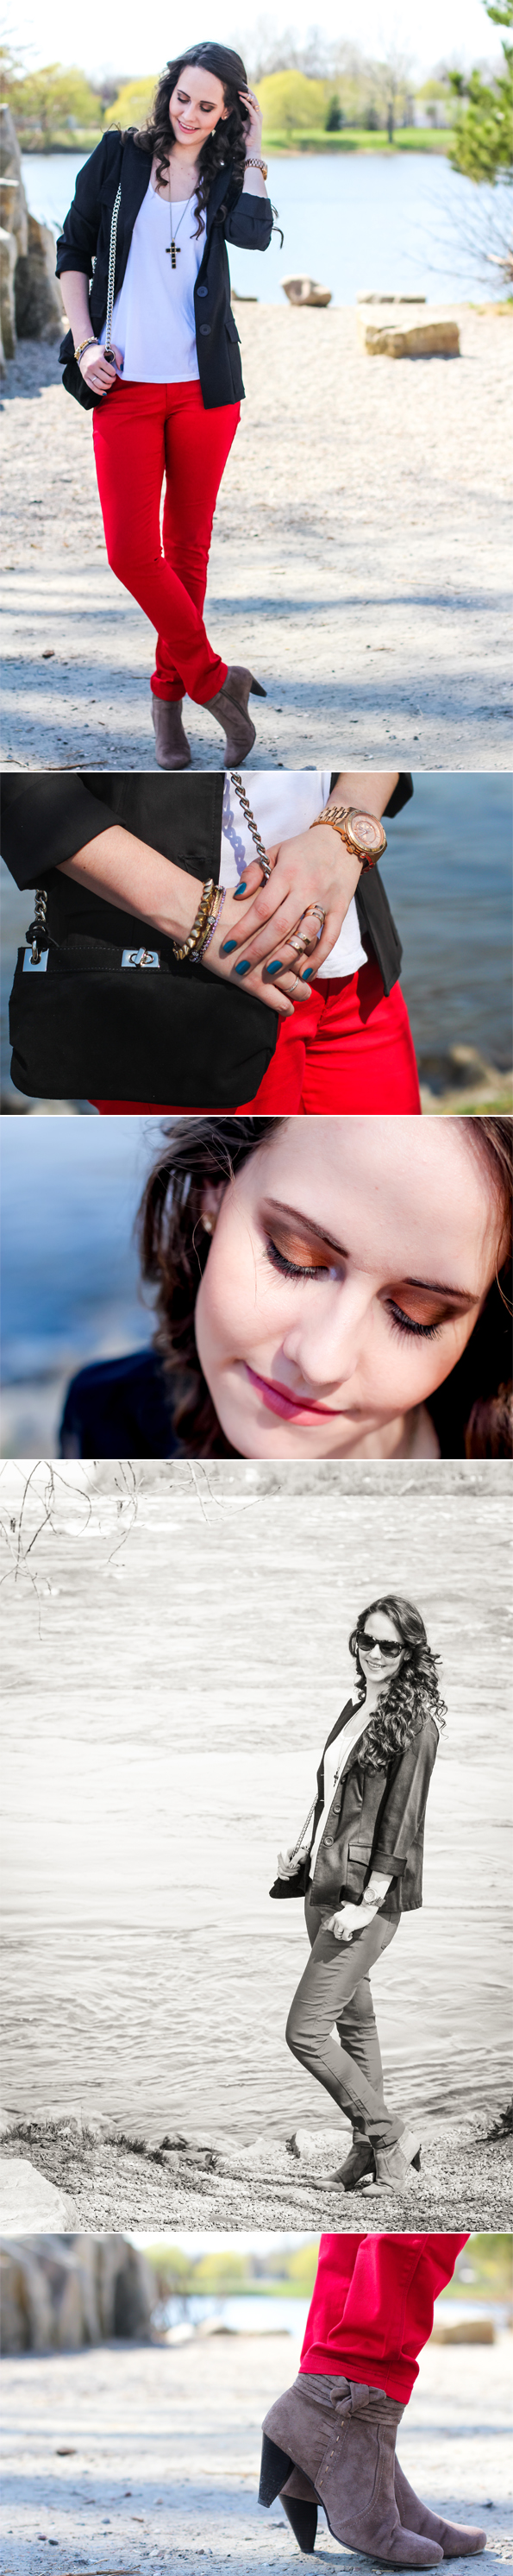 Look do Dia - OOTD -  Vermelho e Preto - Sue Brandao